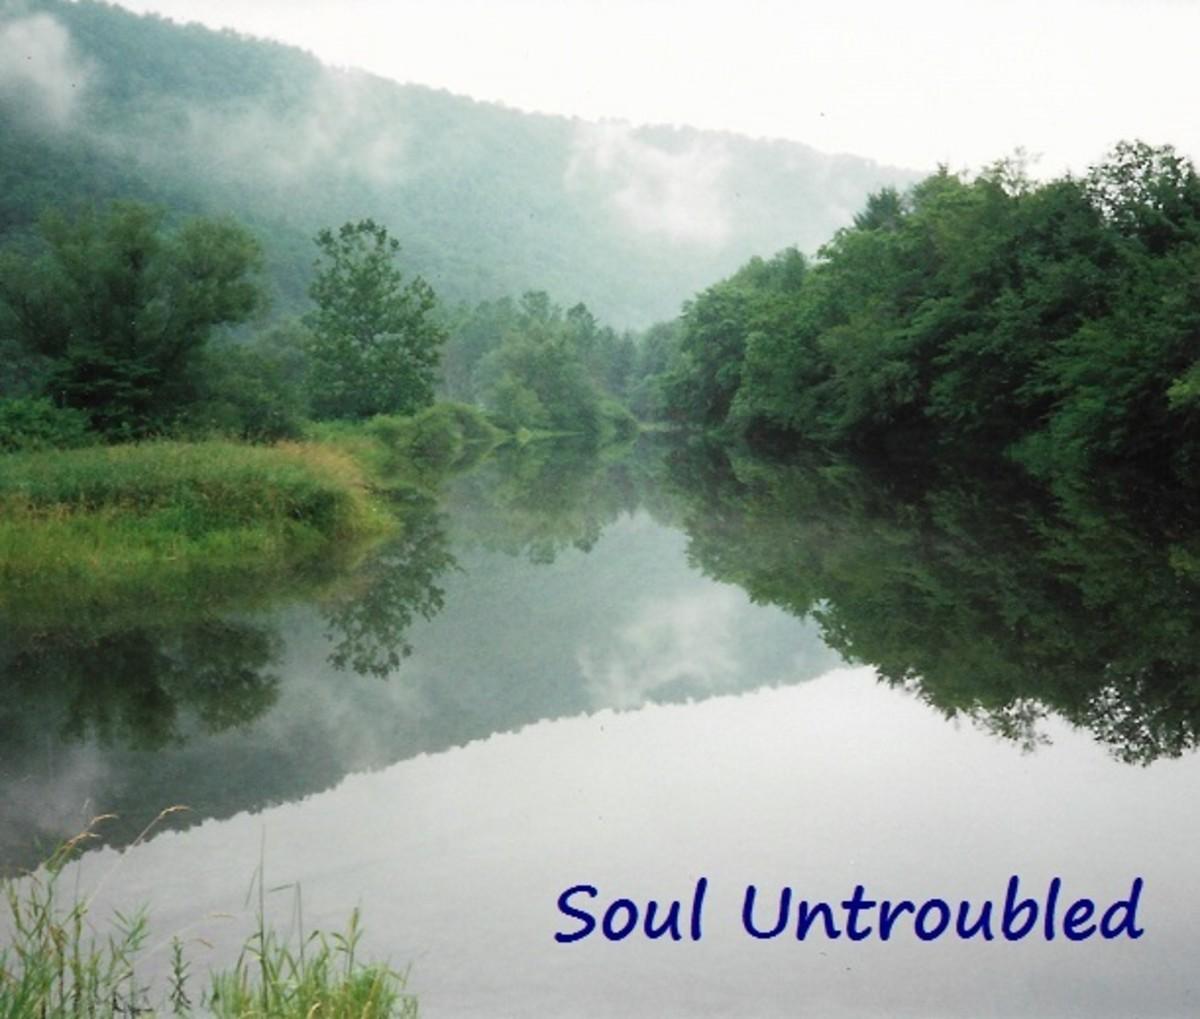 Soul Untroubled